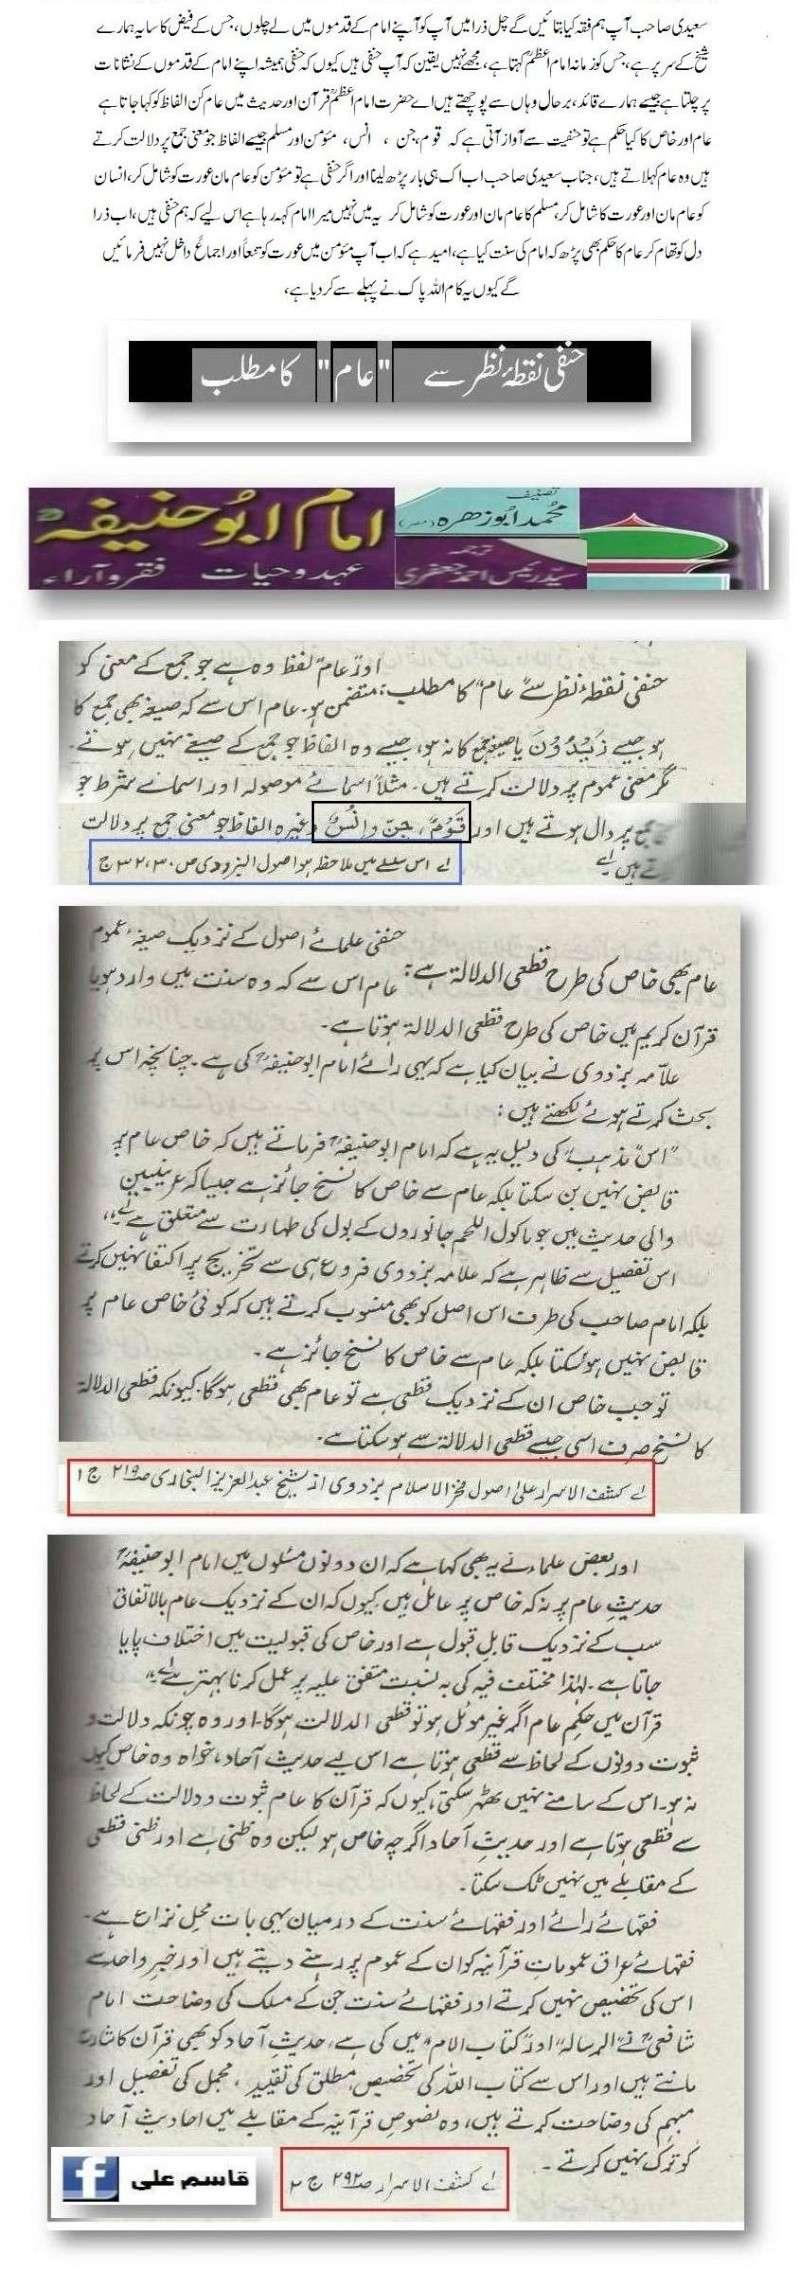 دیت کی جعلی فتوی فیکٹری پر منہاج القرآن کی فتح کا جھنڈا - Page 2 Qasim_21